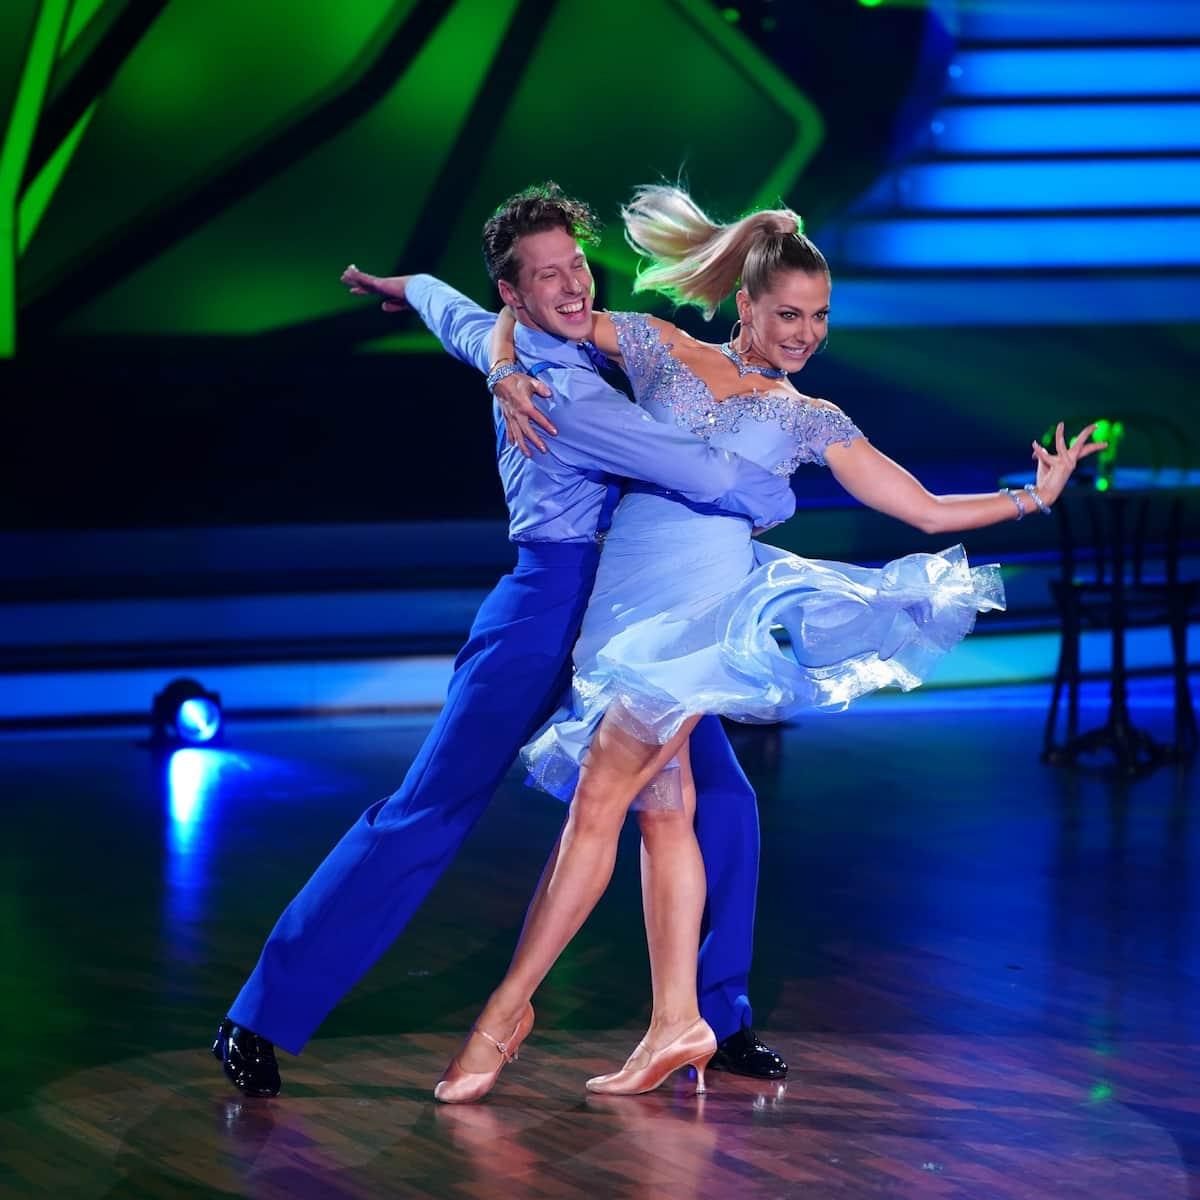 Valentin Lusin und Valentina Pahde bei Let's dance am 12.3.2021